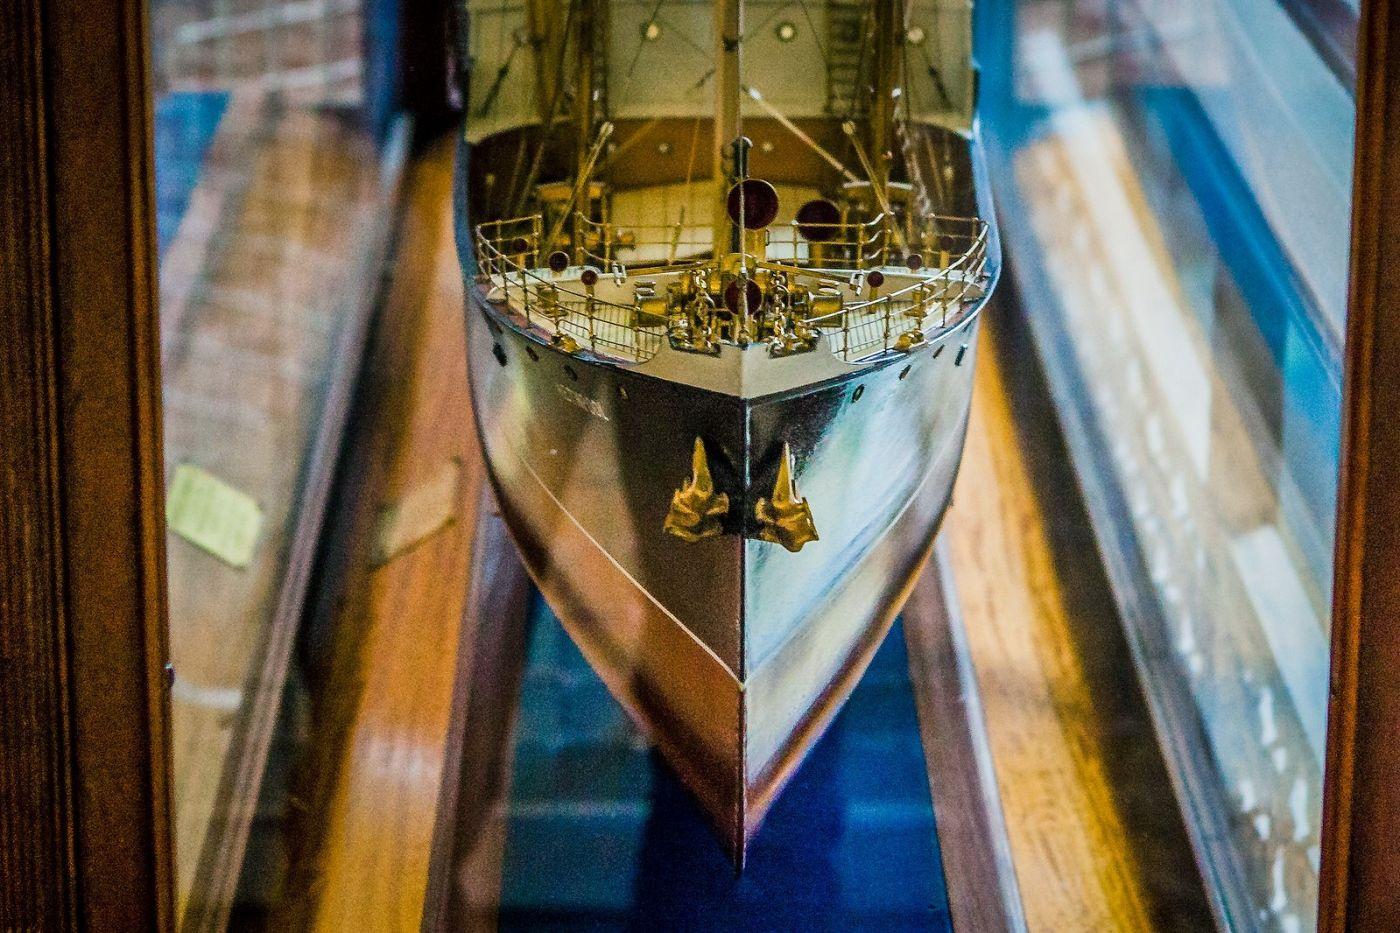 加拿大哈利法克斯(Halifax)大西洋海事博物馆_图1-9